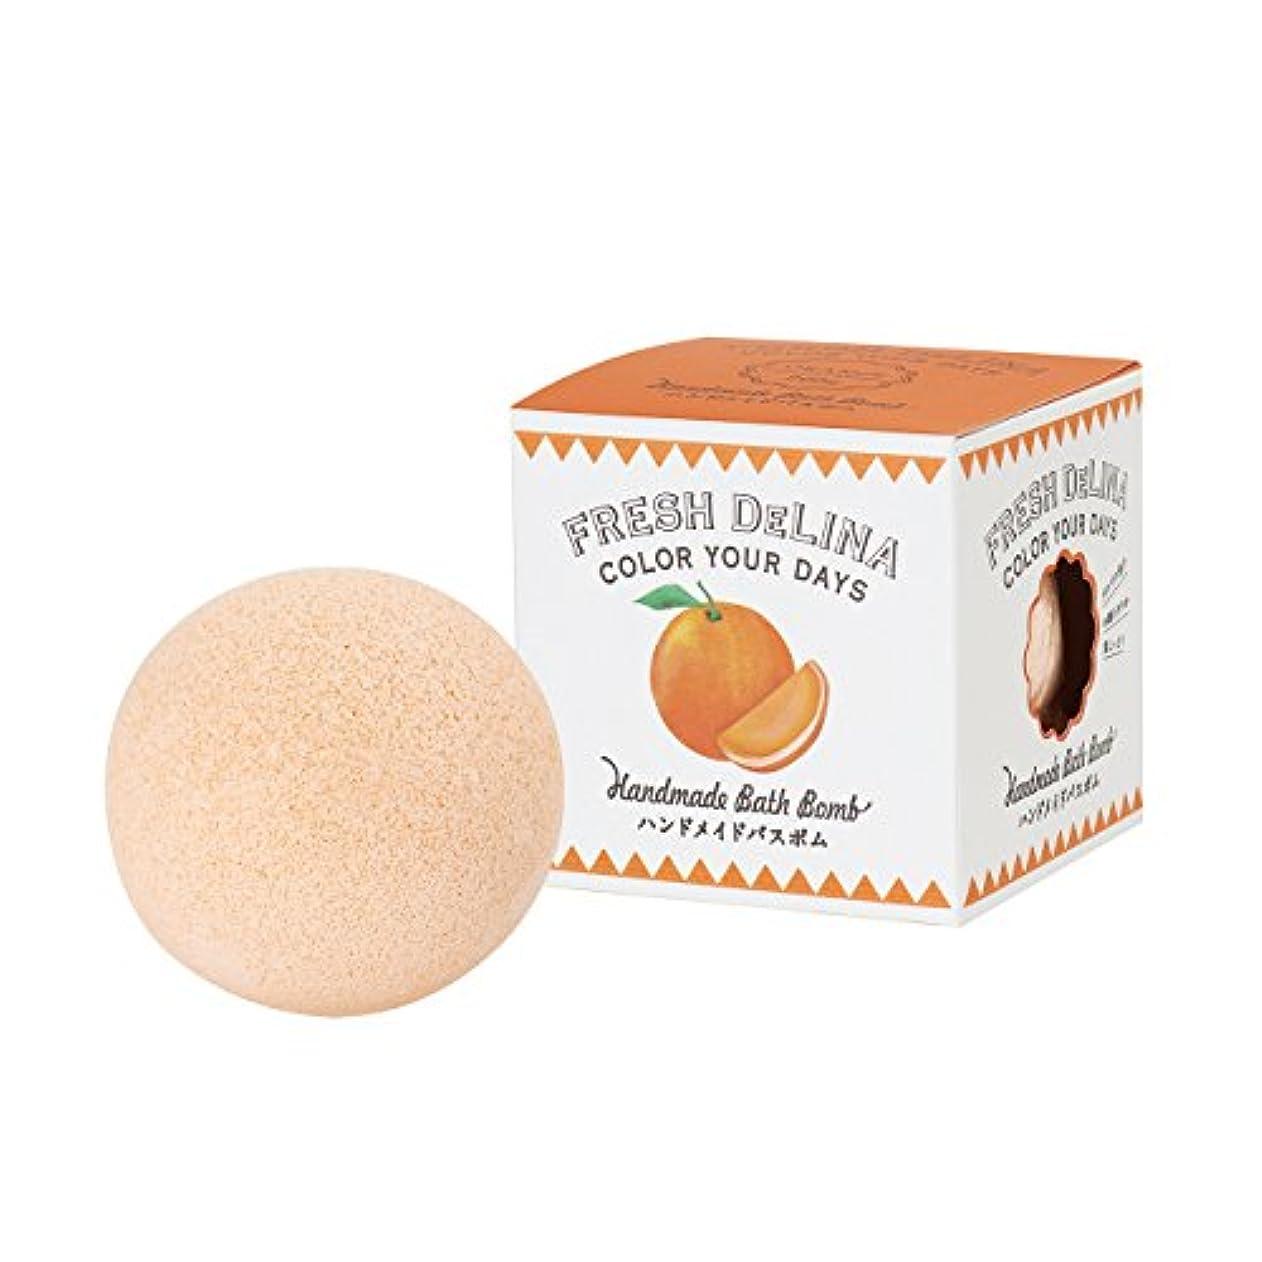 乳製品予測するモールス信号フレッシュデリーナ ハンドメイドバスボム オレンジ 200g